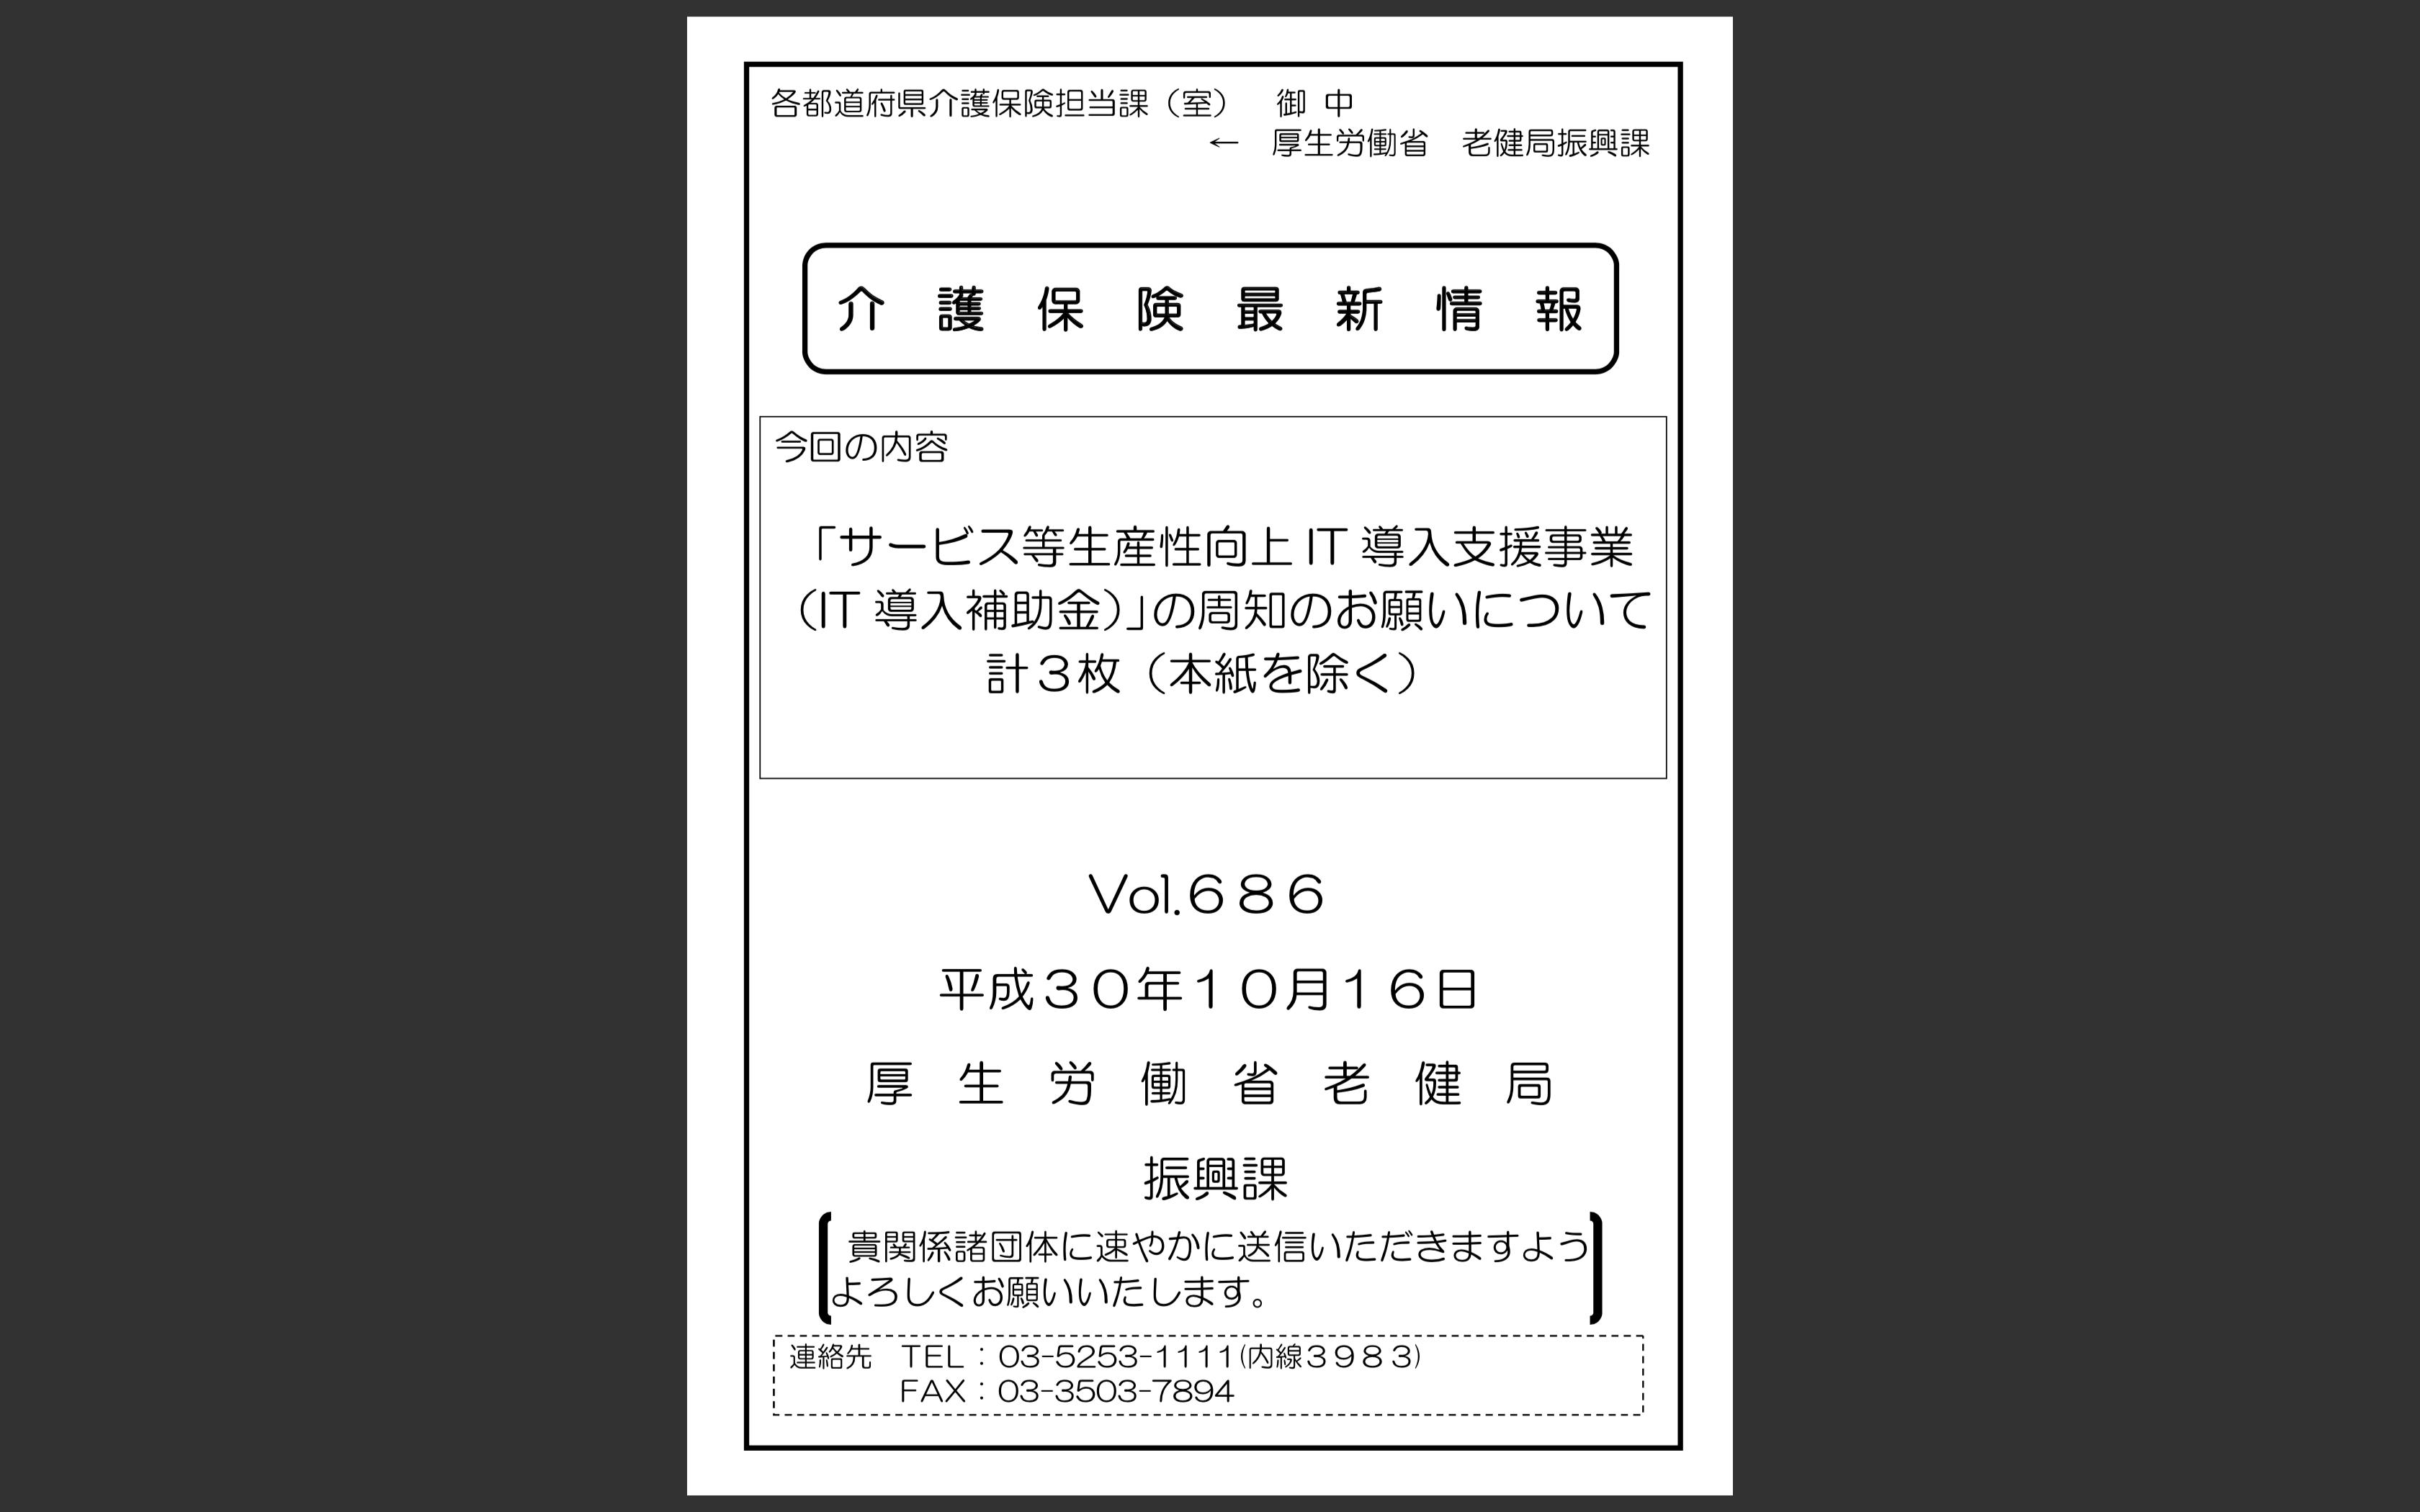 20181019_福岡ICTセミナー01